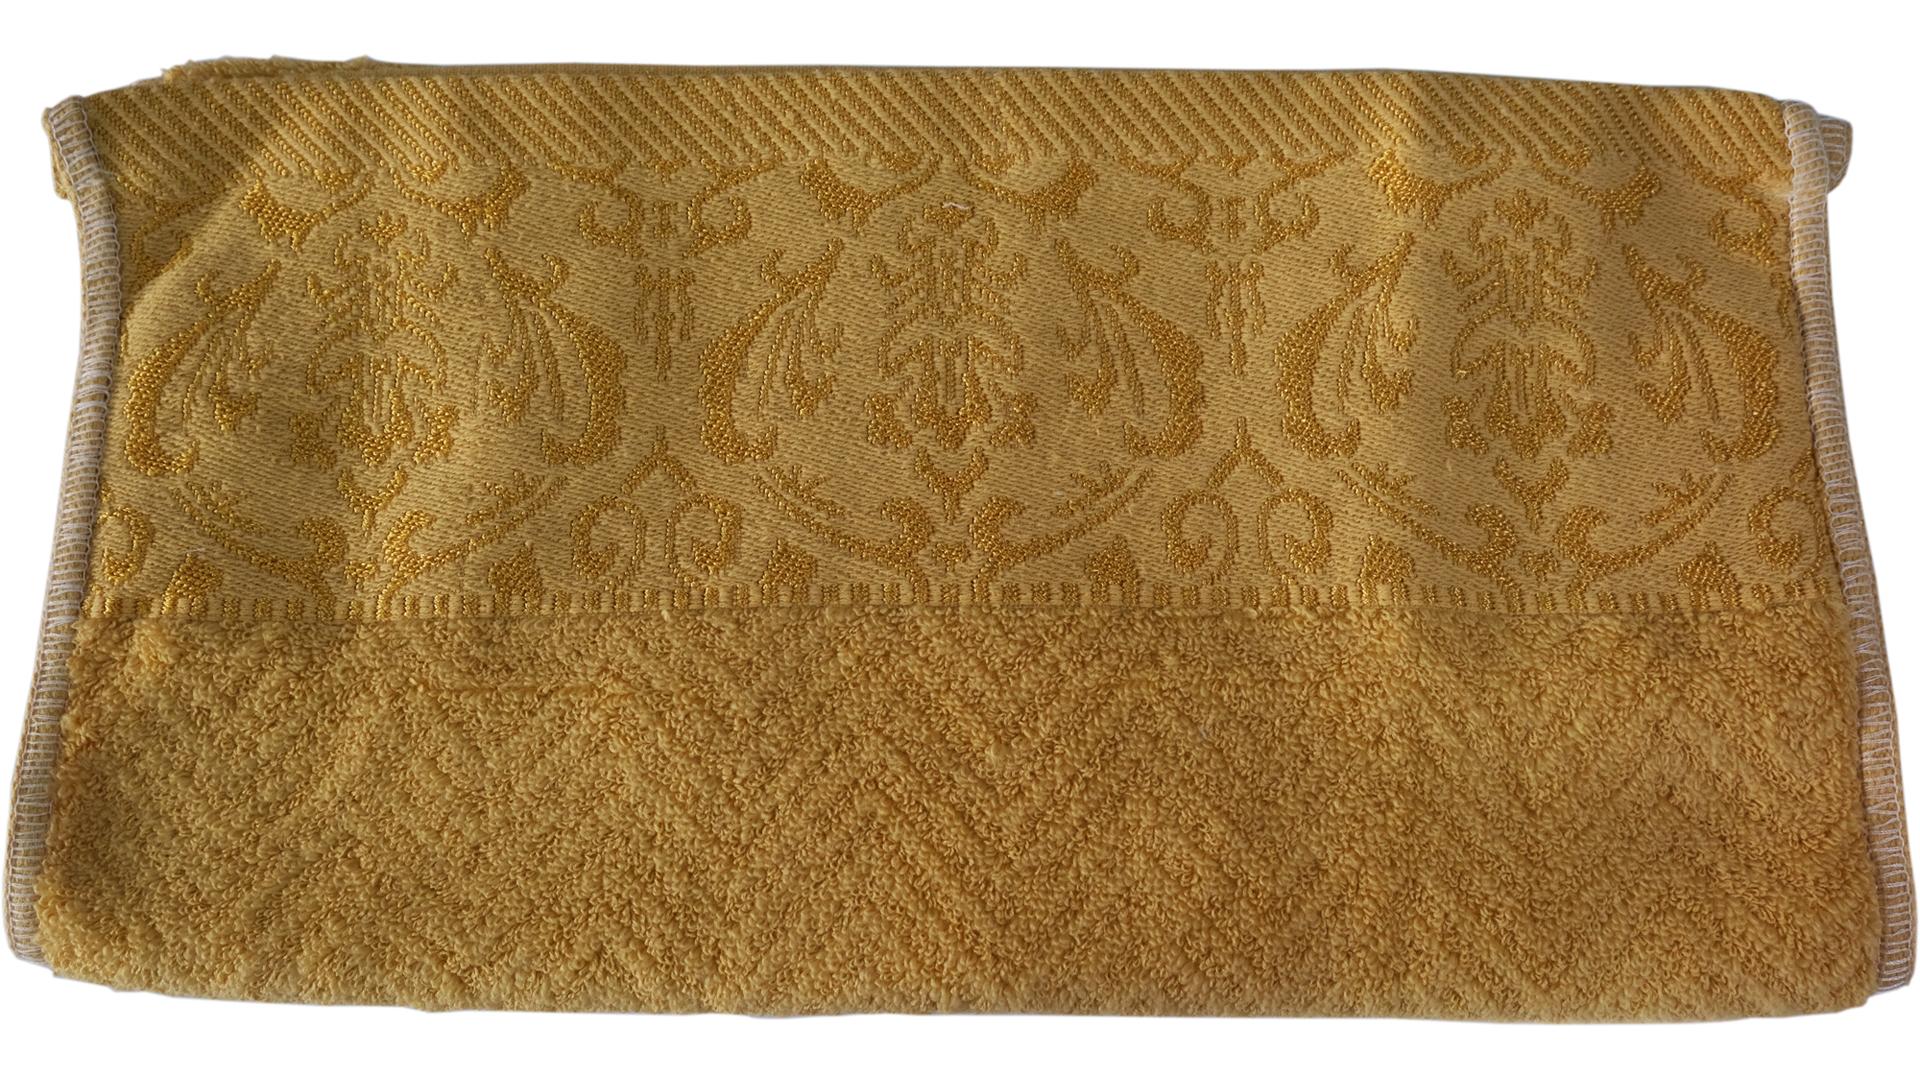 ผ้าขนหนูลายมงกุฎ Cotton 34x76 cm. สีฟักทอง